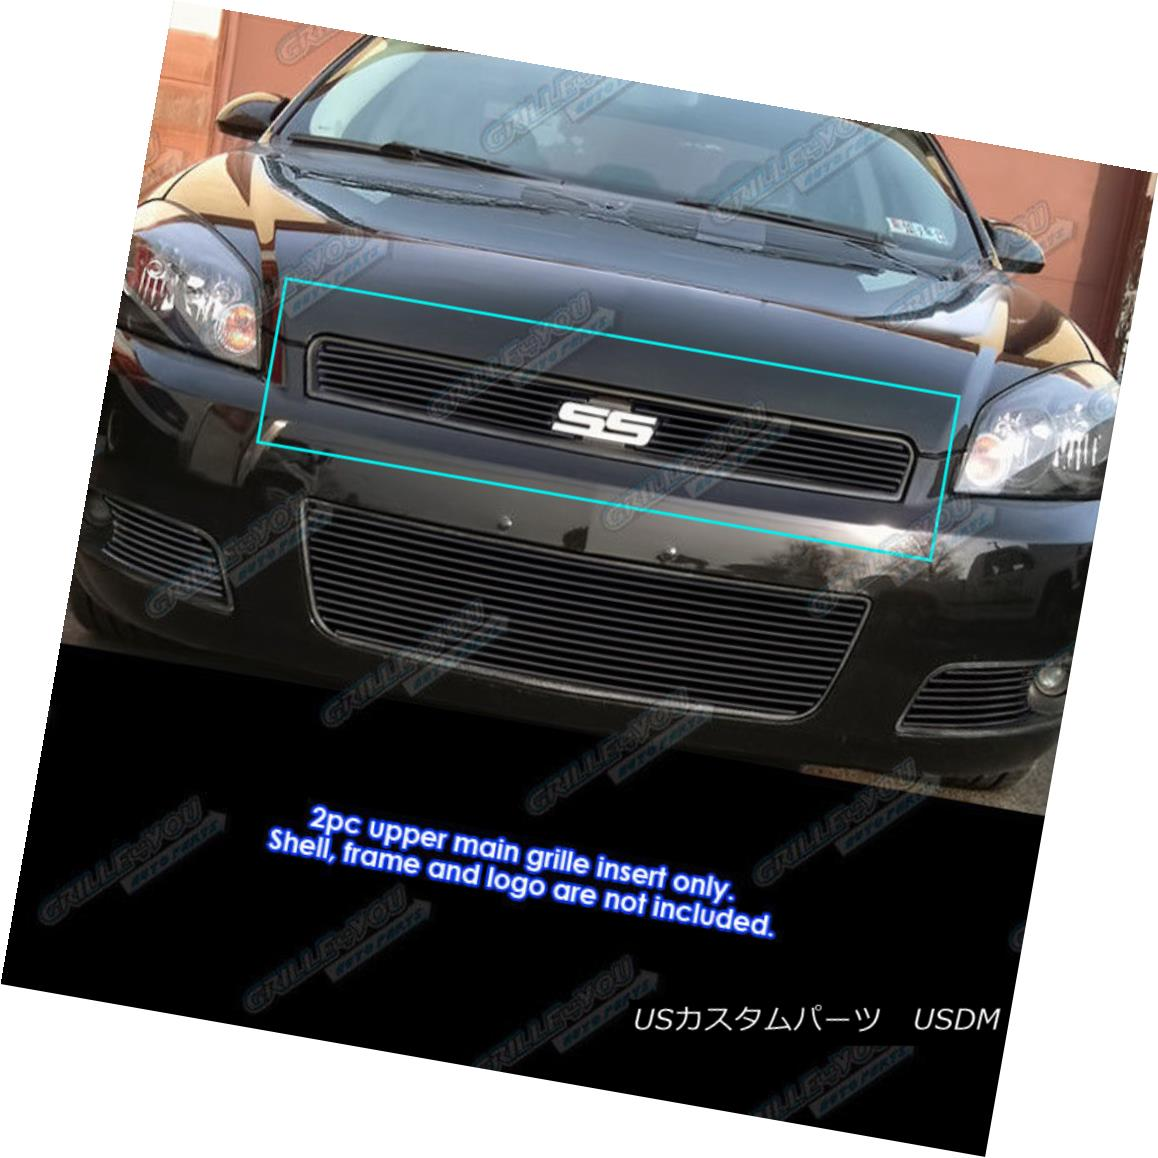 グリル Fits 2006-2013 Chevy Impala/06-07 Monte Carlo Black Billet Grille Grill Insert フィット2006-2013シボレーインパラ/ 06-07モンテカルロブラックビレットグリルグリルインサート